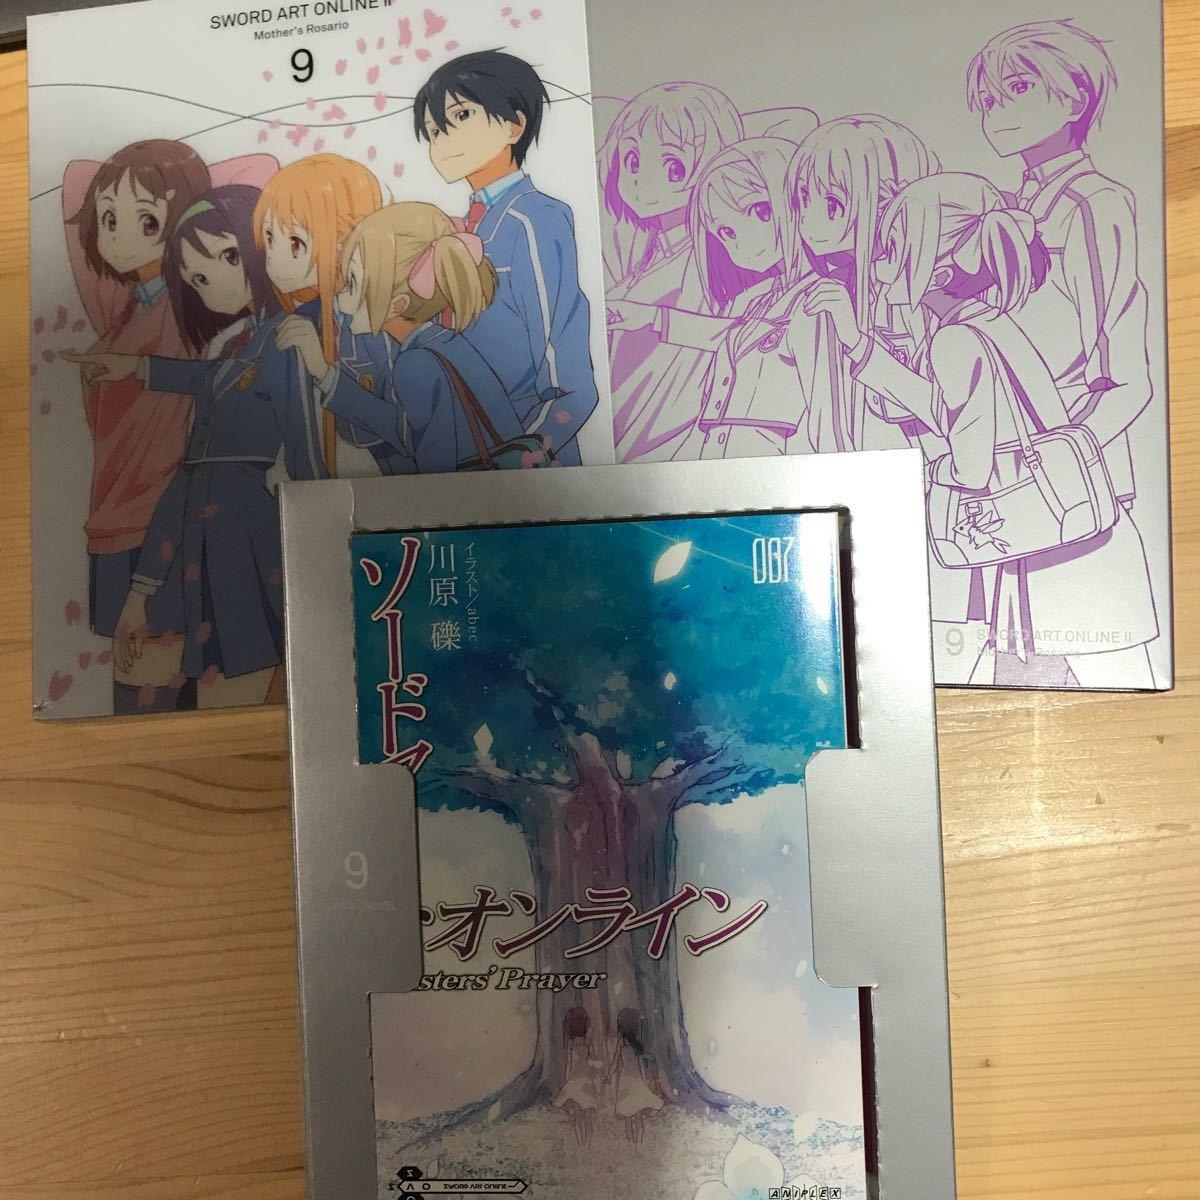 ソードアート・オンラインII 9(完全生産限定版) DVD